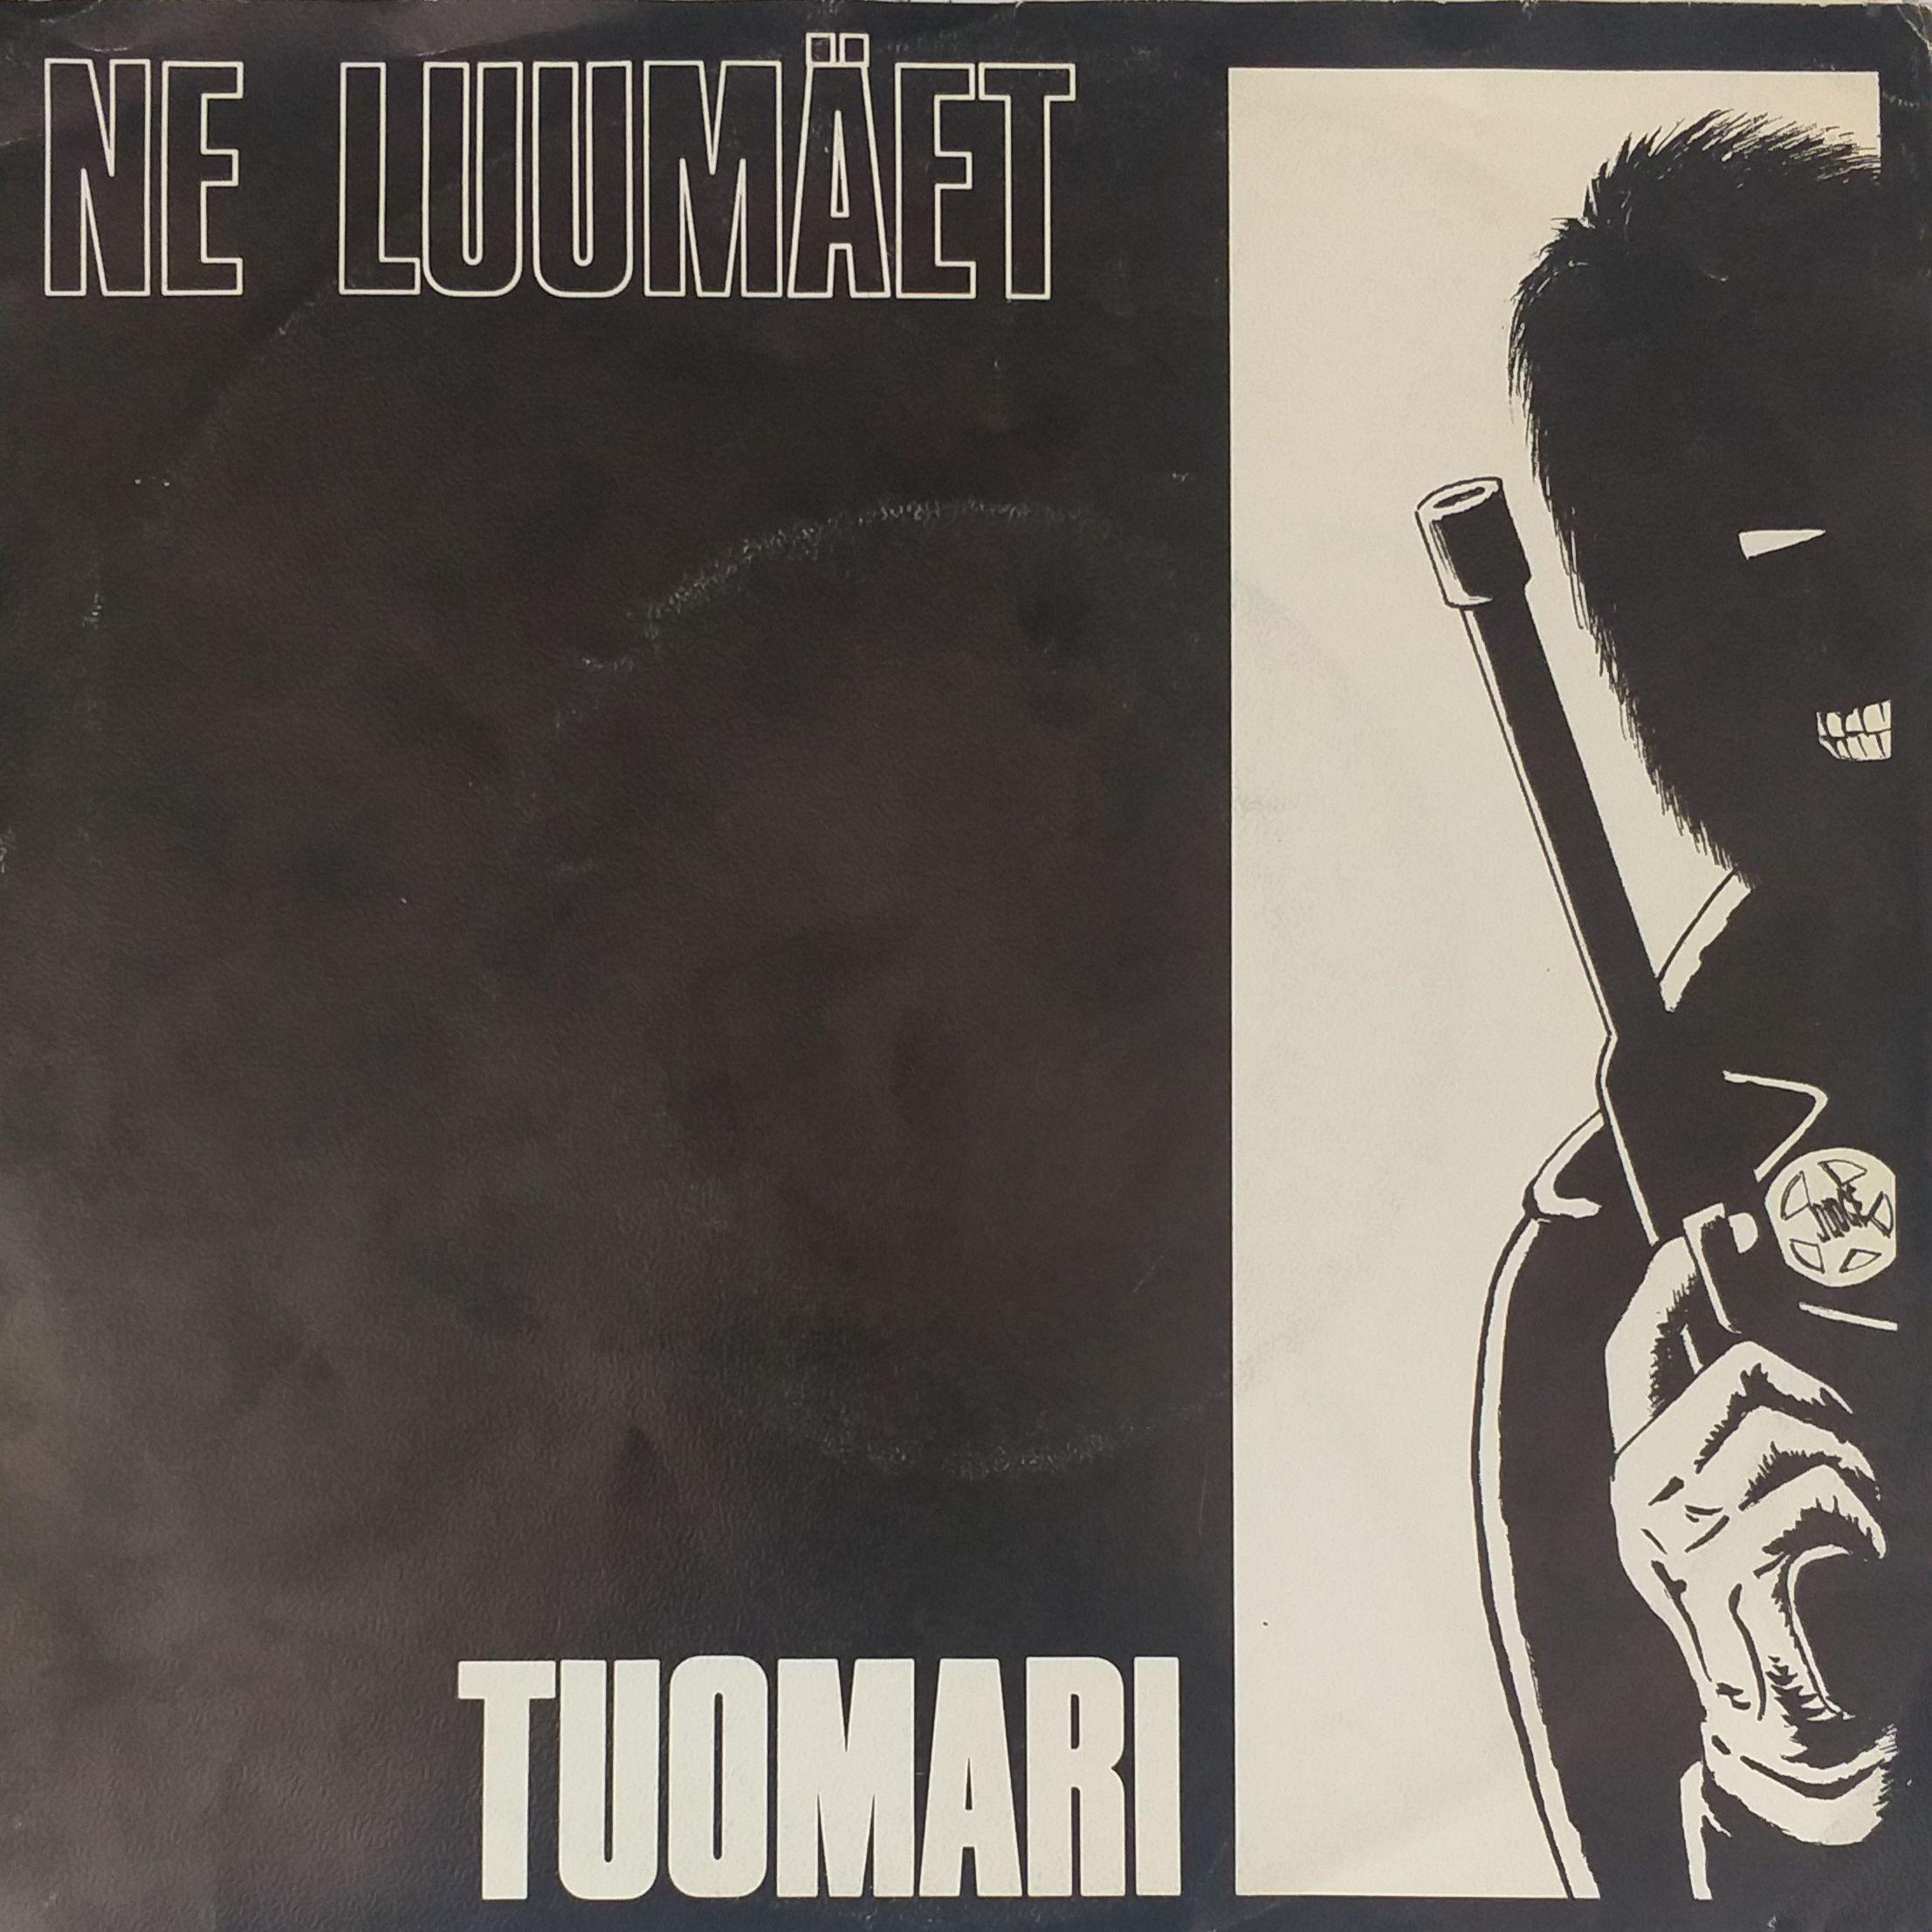 Ne luumäet Tuomari LP undefined